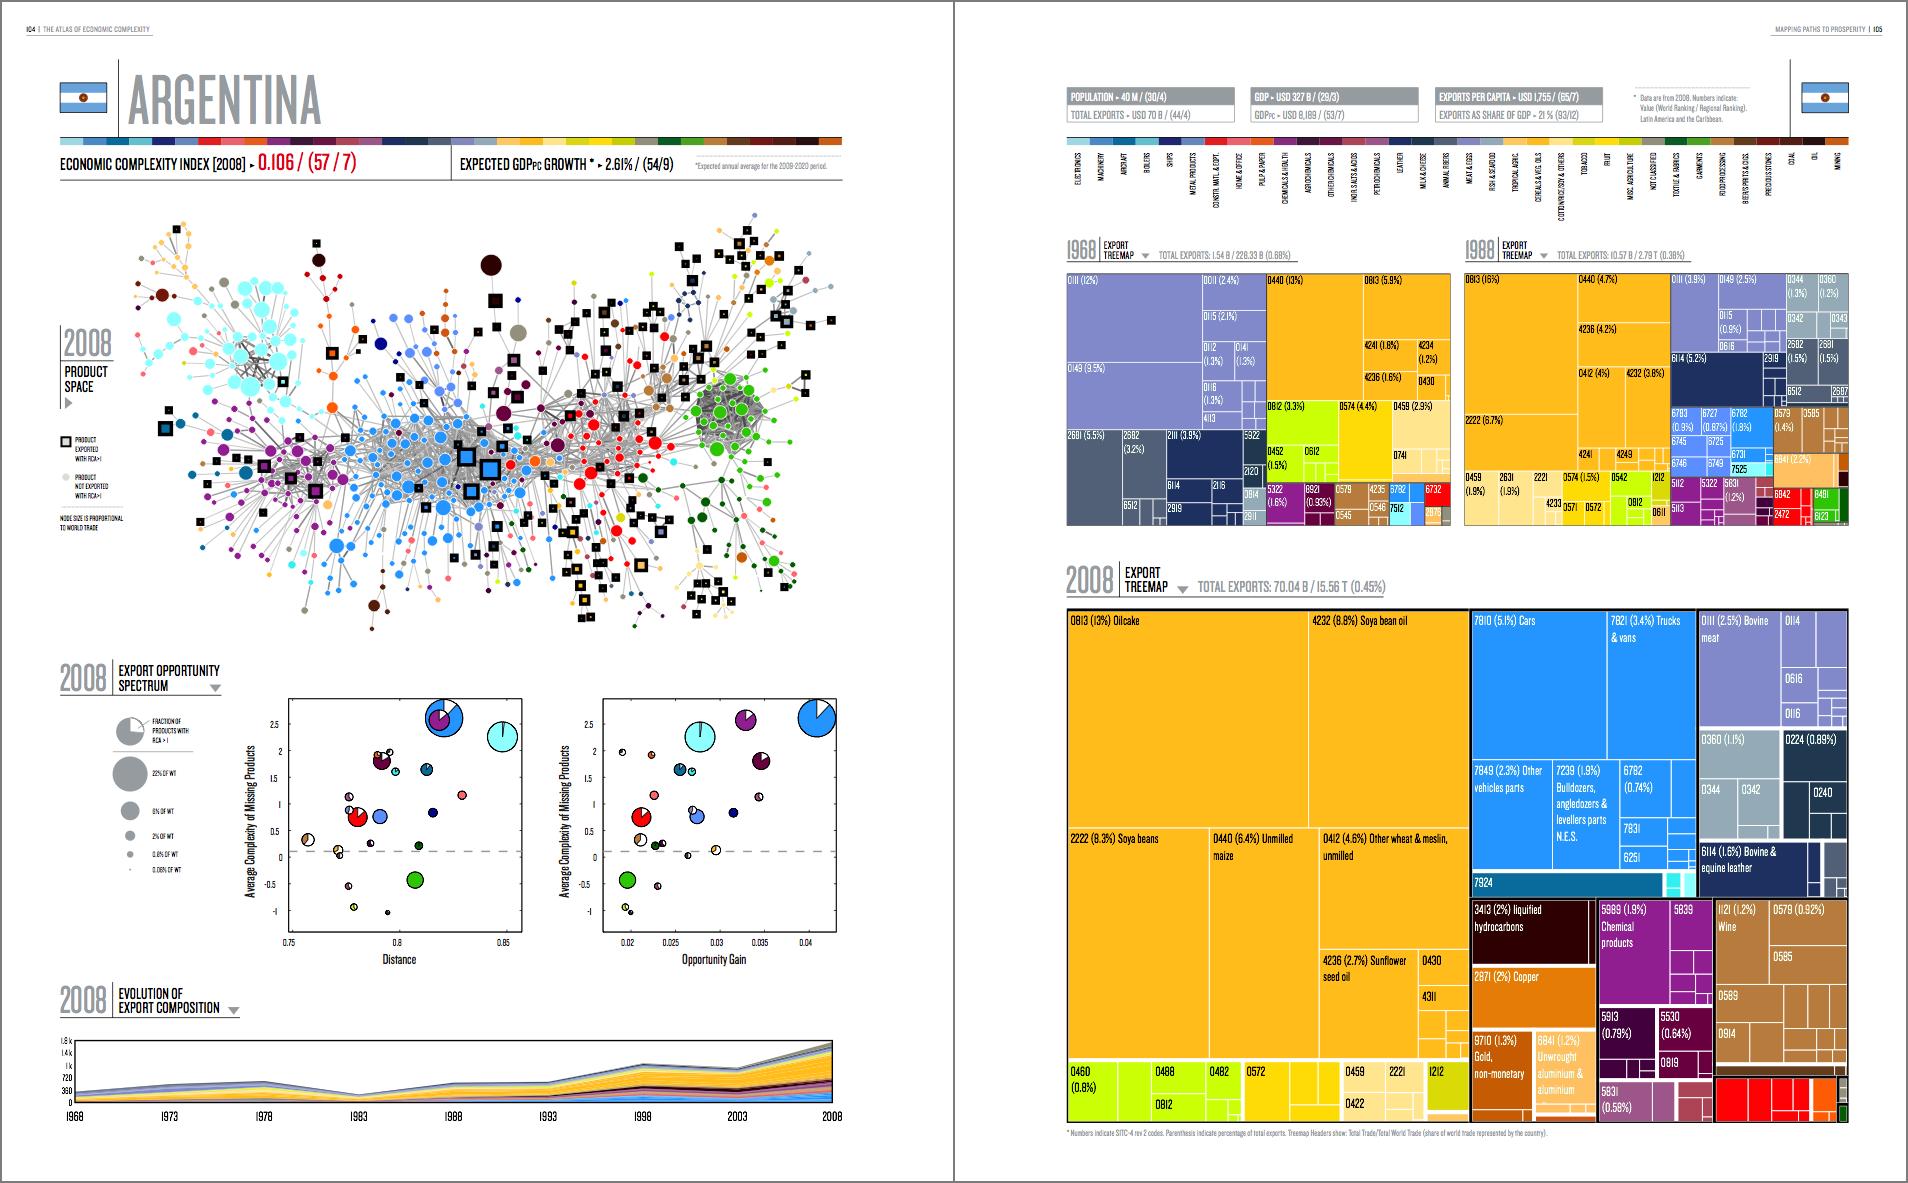 visualisiert. – Der Atlas der Wirtschaftskomplexität